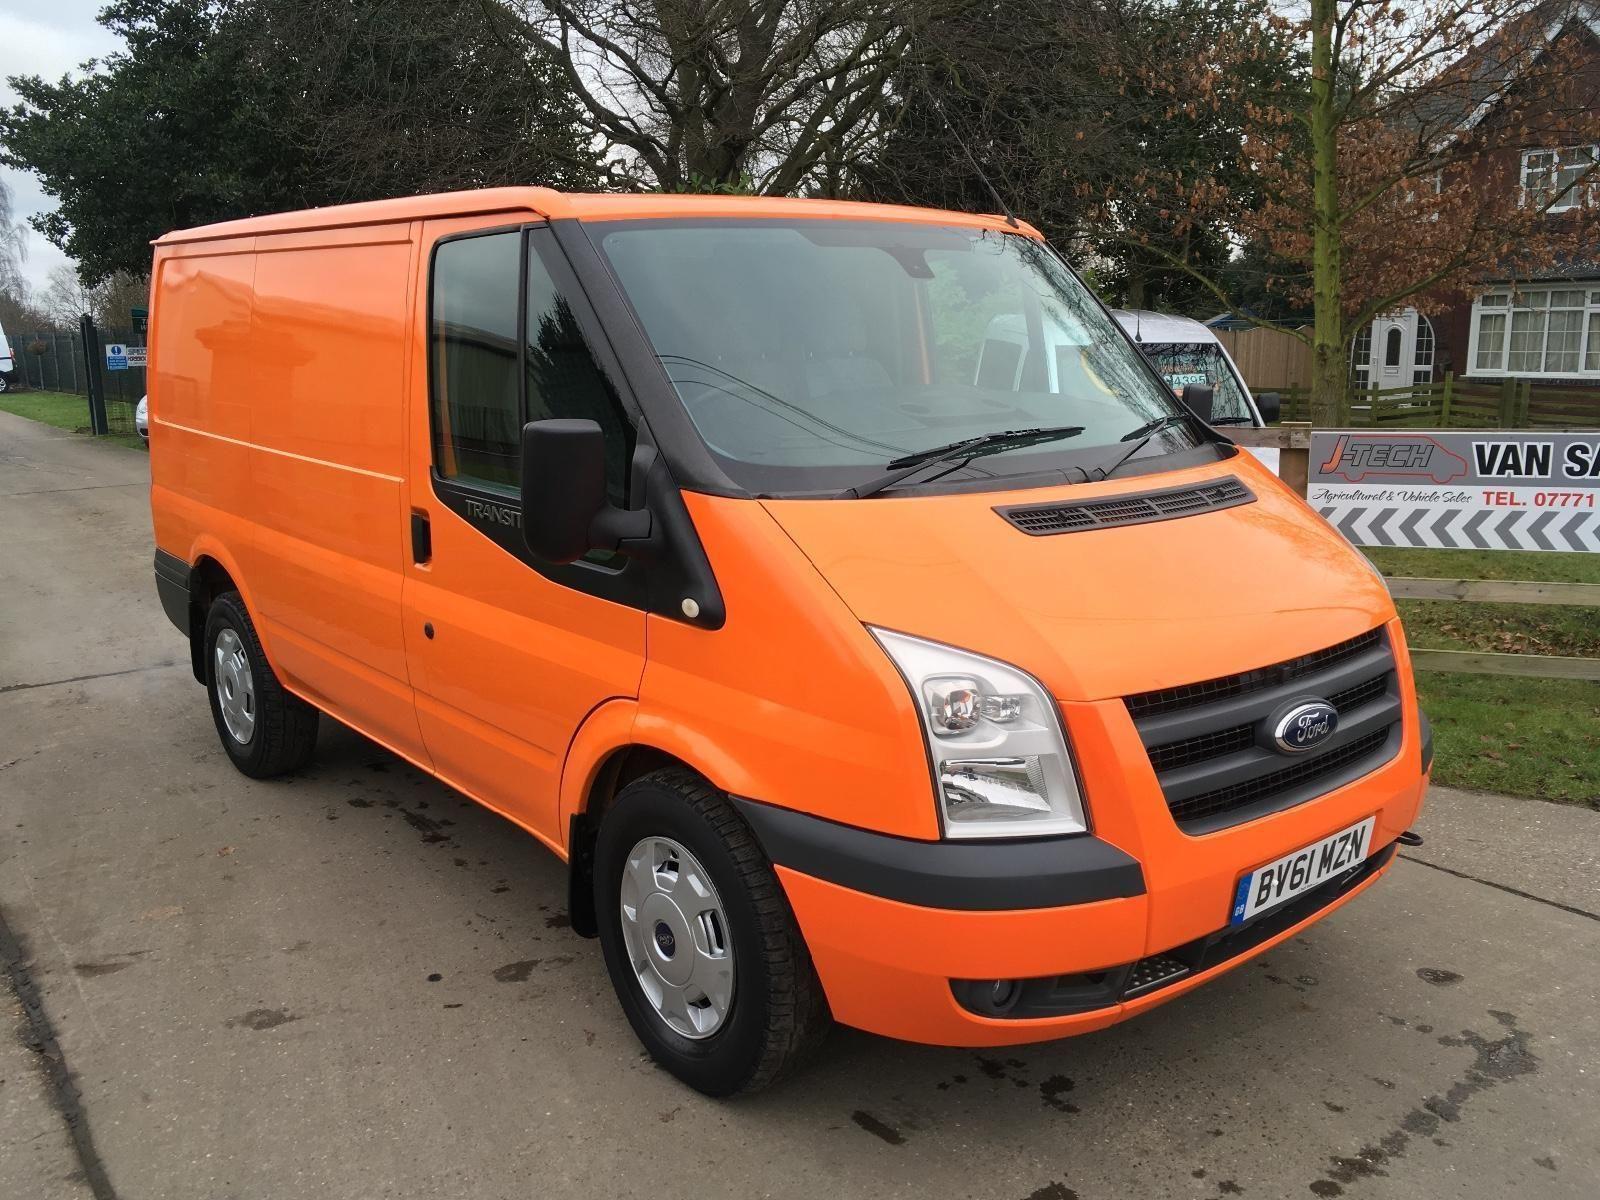 Ford Transit T330, 140 bhp, Awd, 4x4 ,Van   Ford transit, 4x4 van ...